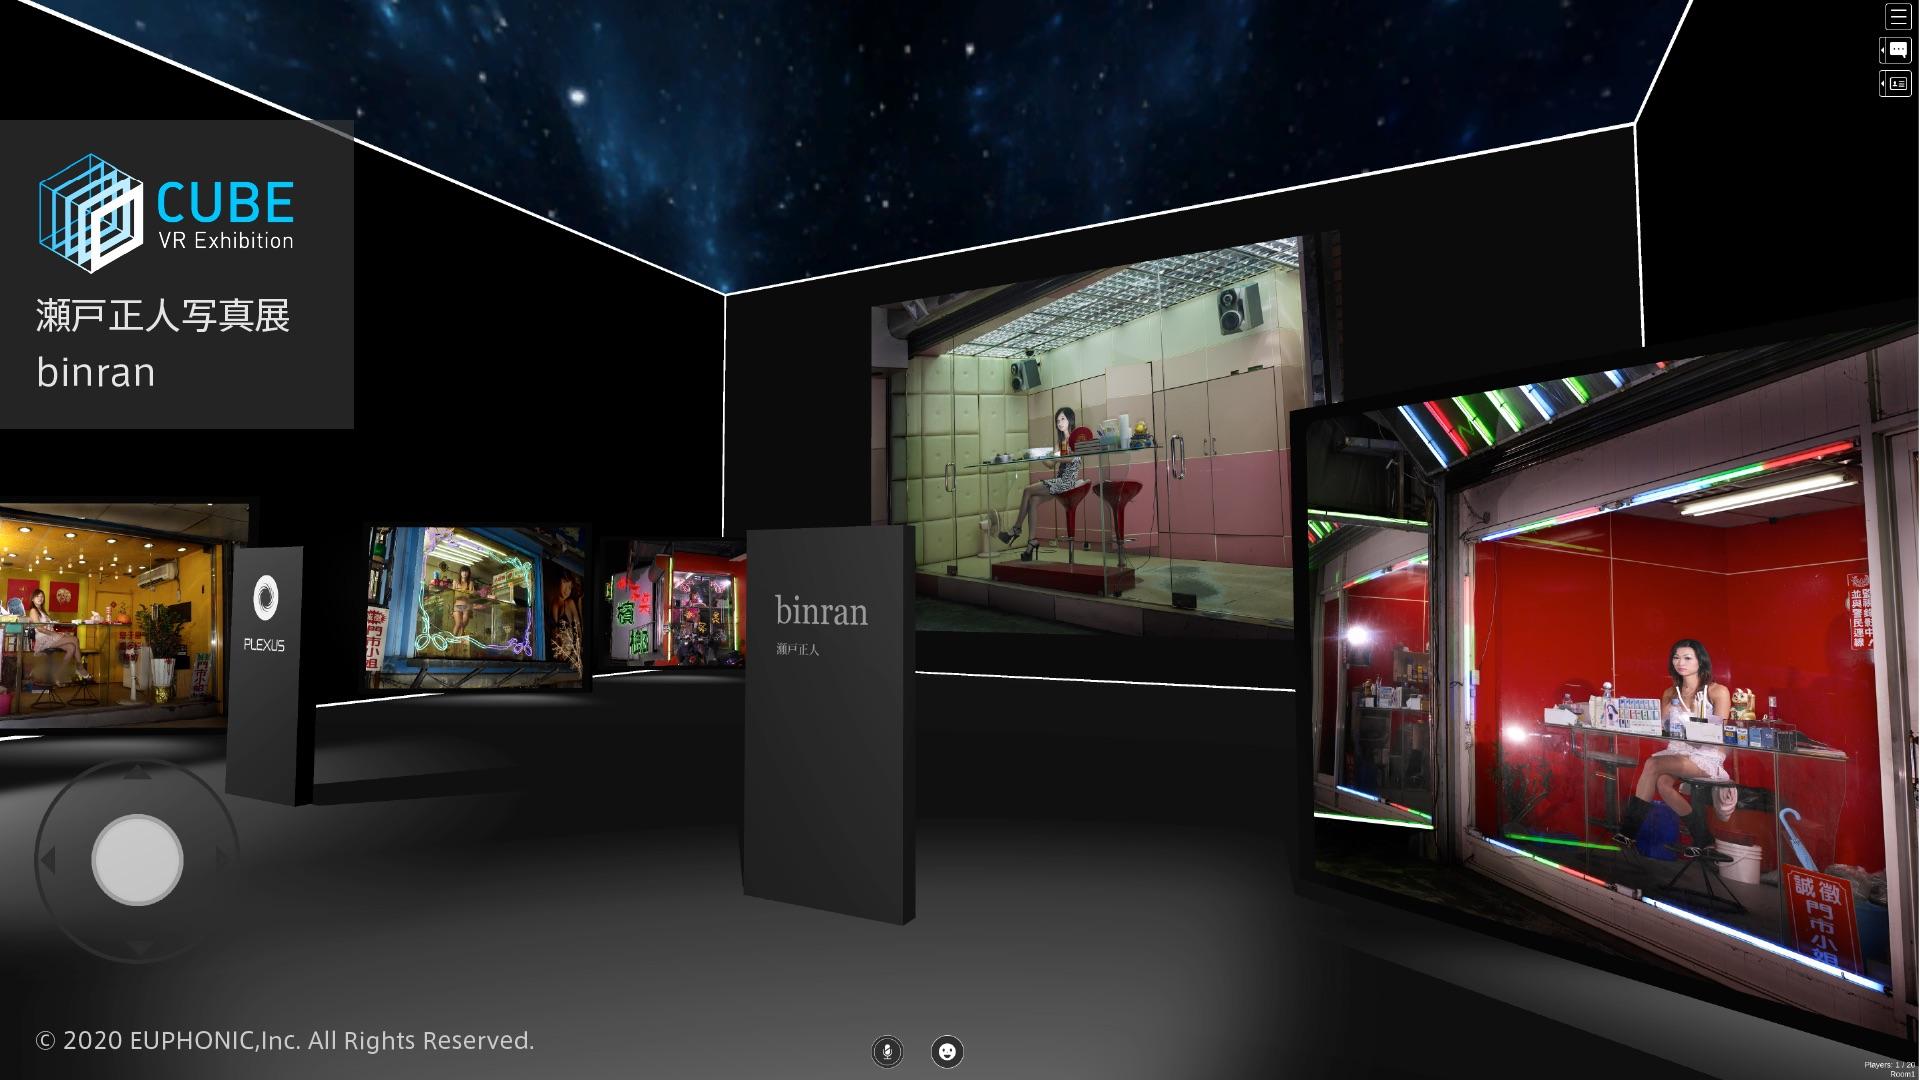 VR展示会「CUBE」、フェイストラッキング技術を利用した「FACEMARE」のデモを公開